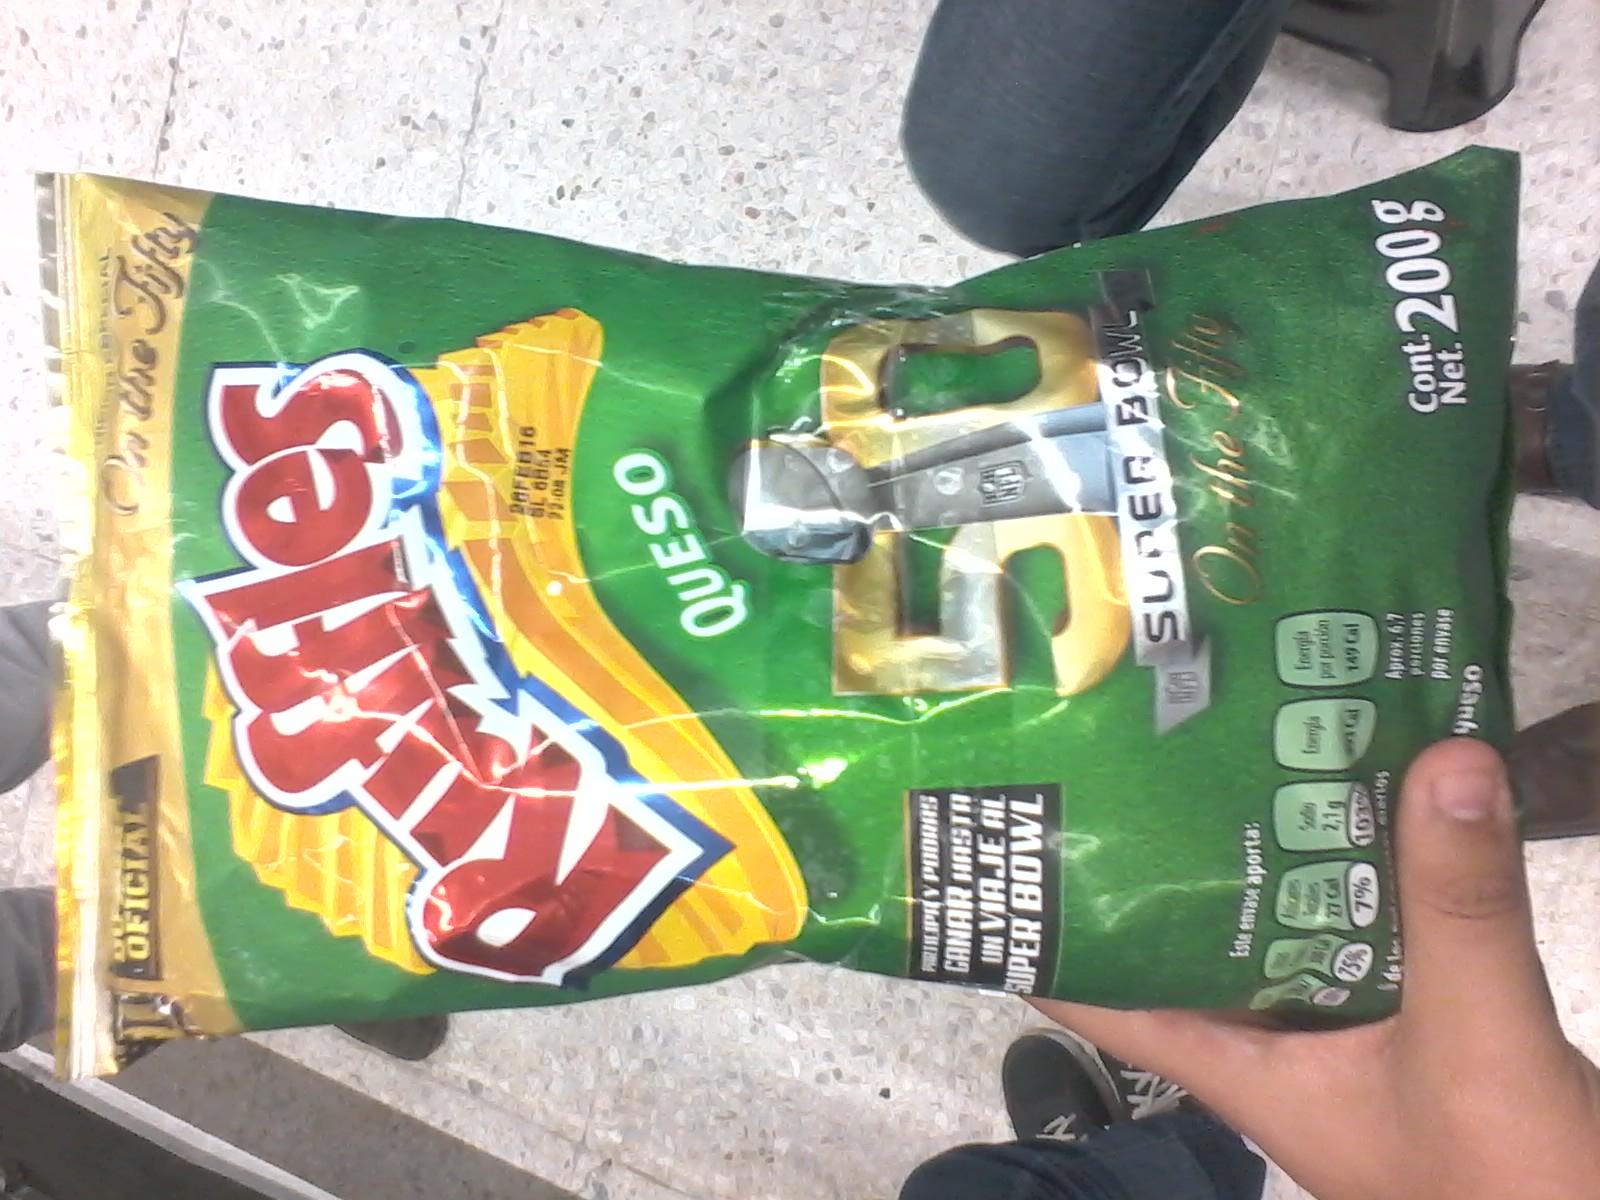 Chedraui Veracruz: 2 Rufles bolsa grande 200 grs. por $30 y 1 Lt. de Leche light $5